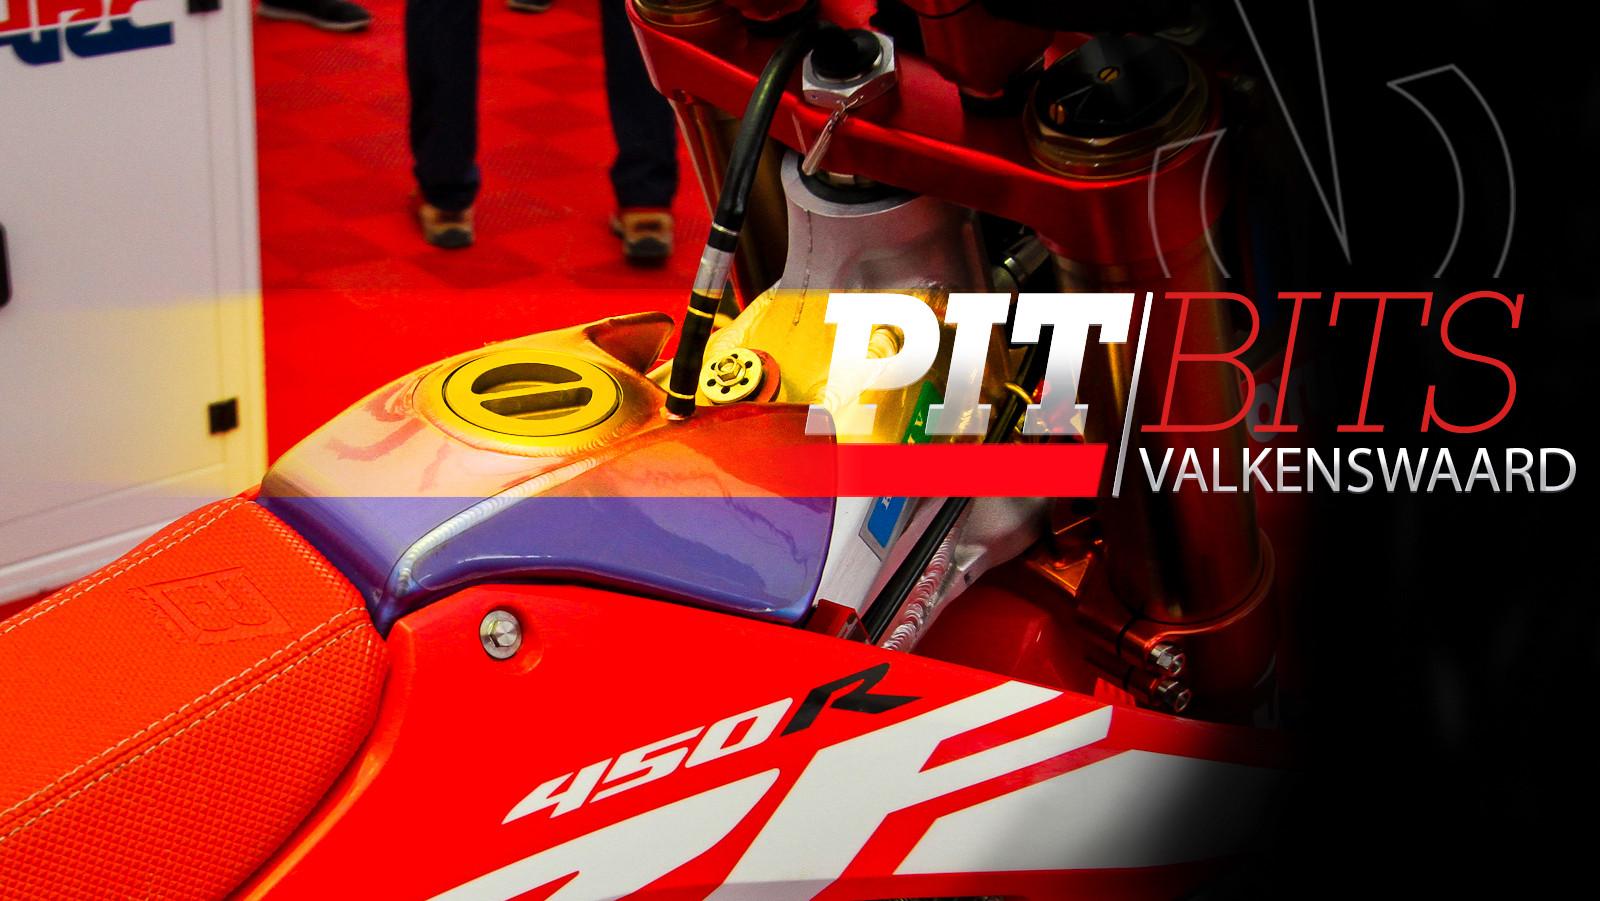 Vital MX Pit Bits: 2017 MXGP of Valkenswaard - Vital MX Pit Bits: 2017 MXGP of Valkenswaard - Motocross Pictures - Vital MX